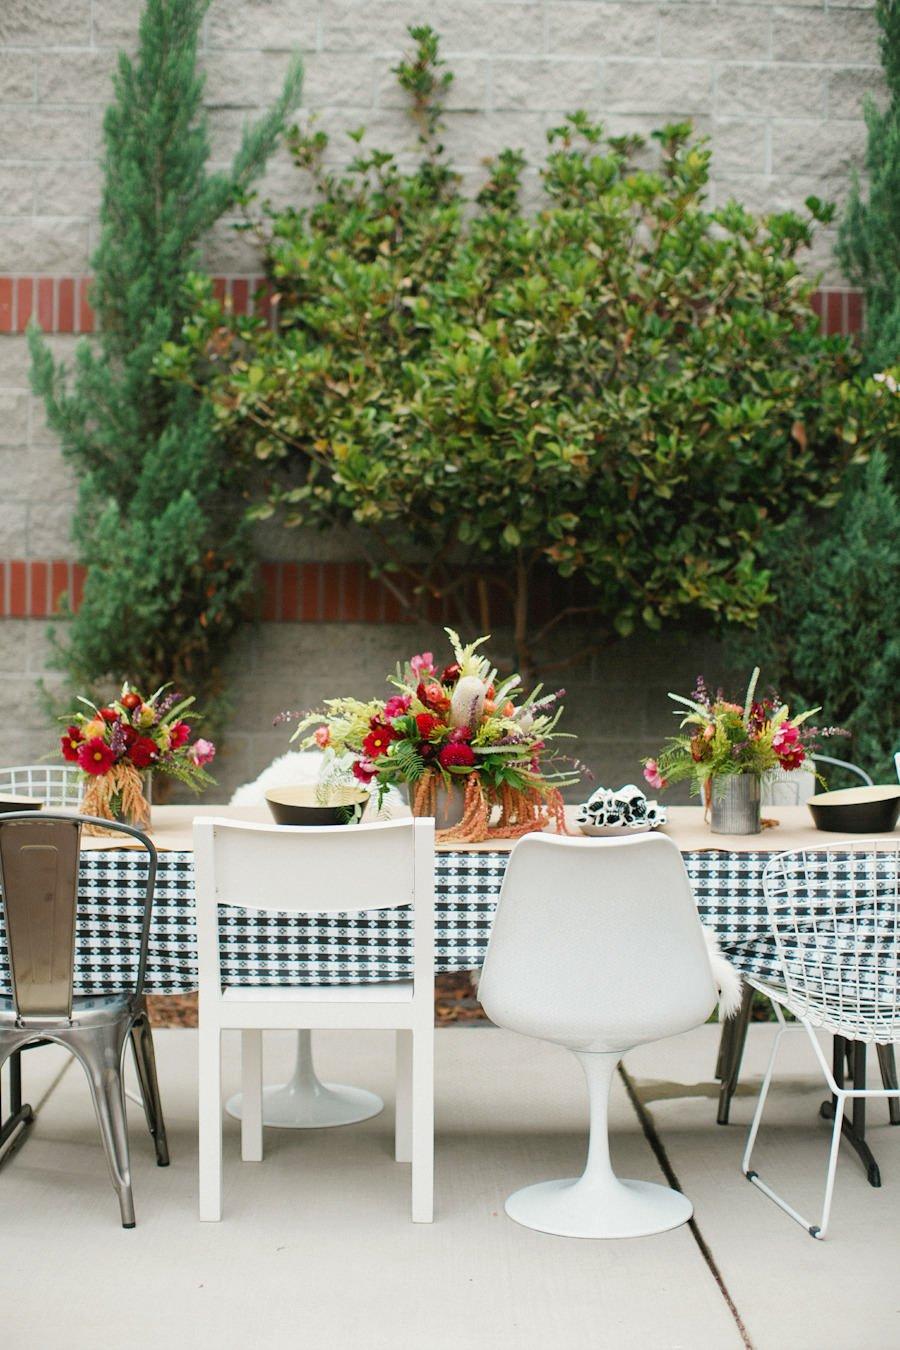 dış mekan masa süsleme fikirleri dış mekan davet masası düzenleme fikirleri - dismekan masa susleme fikirleri